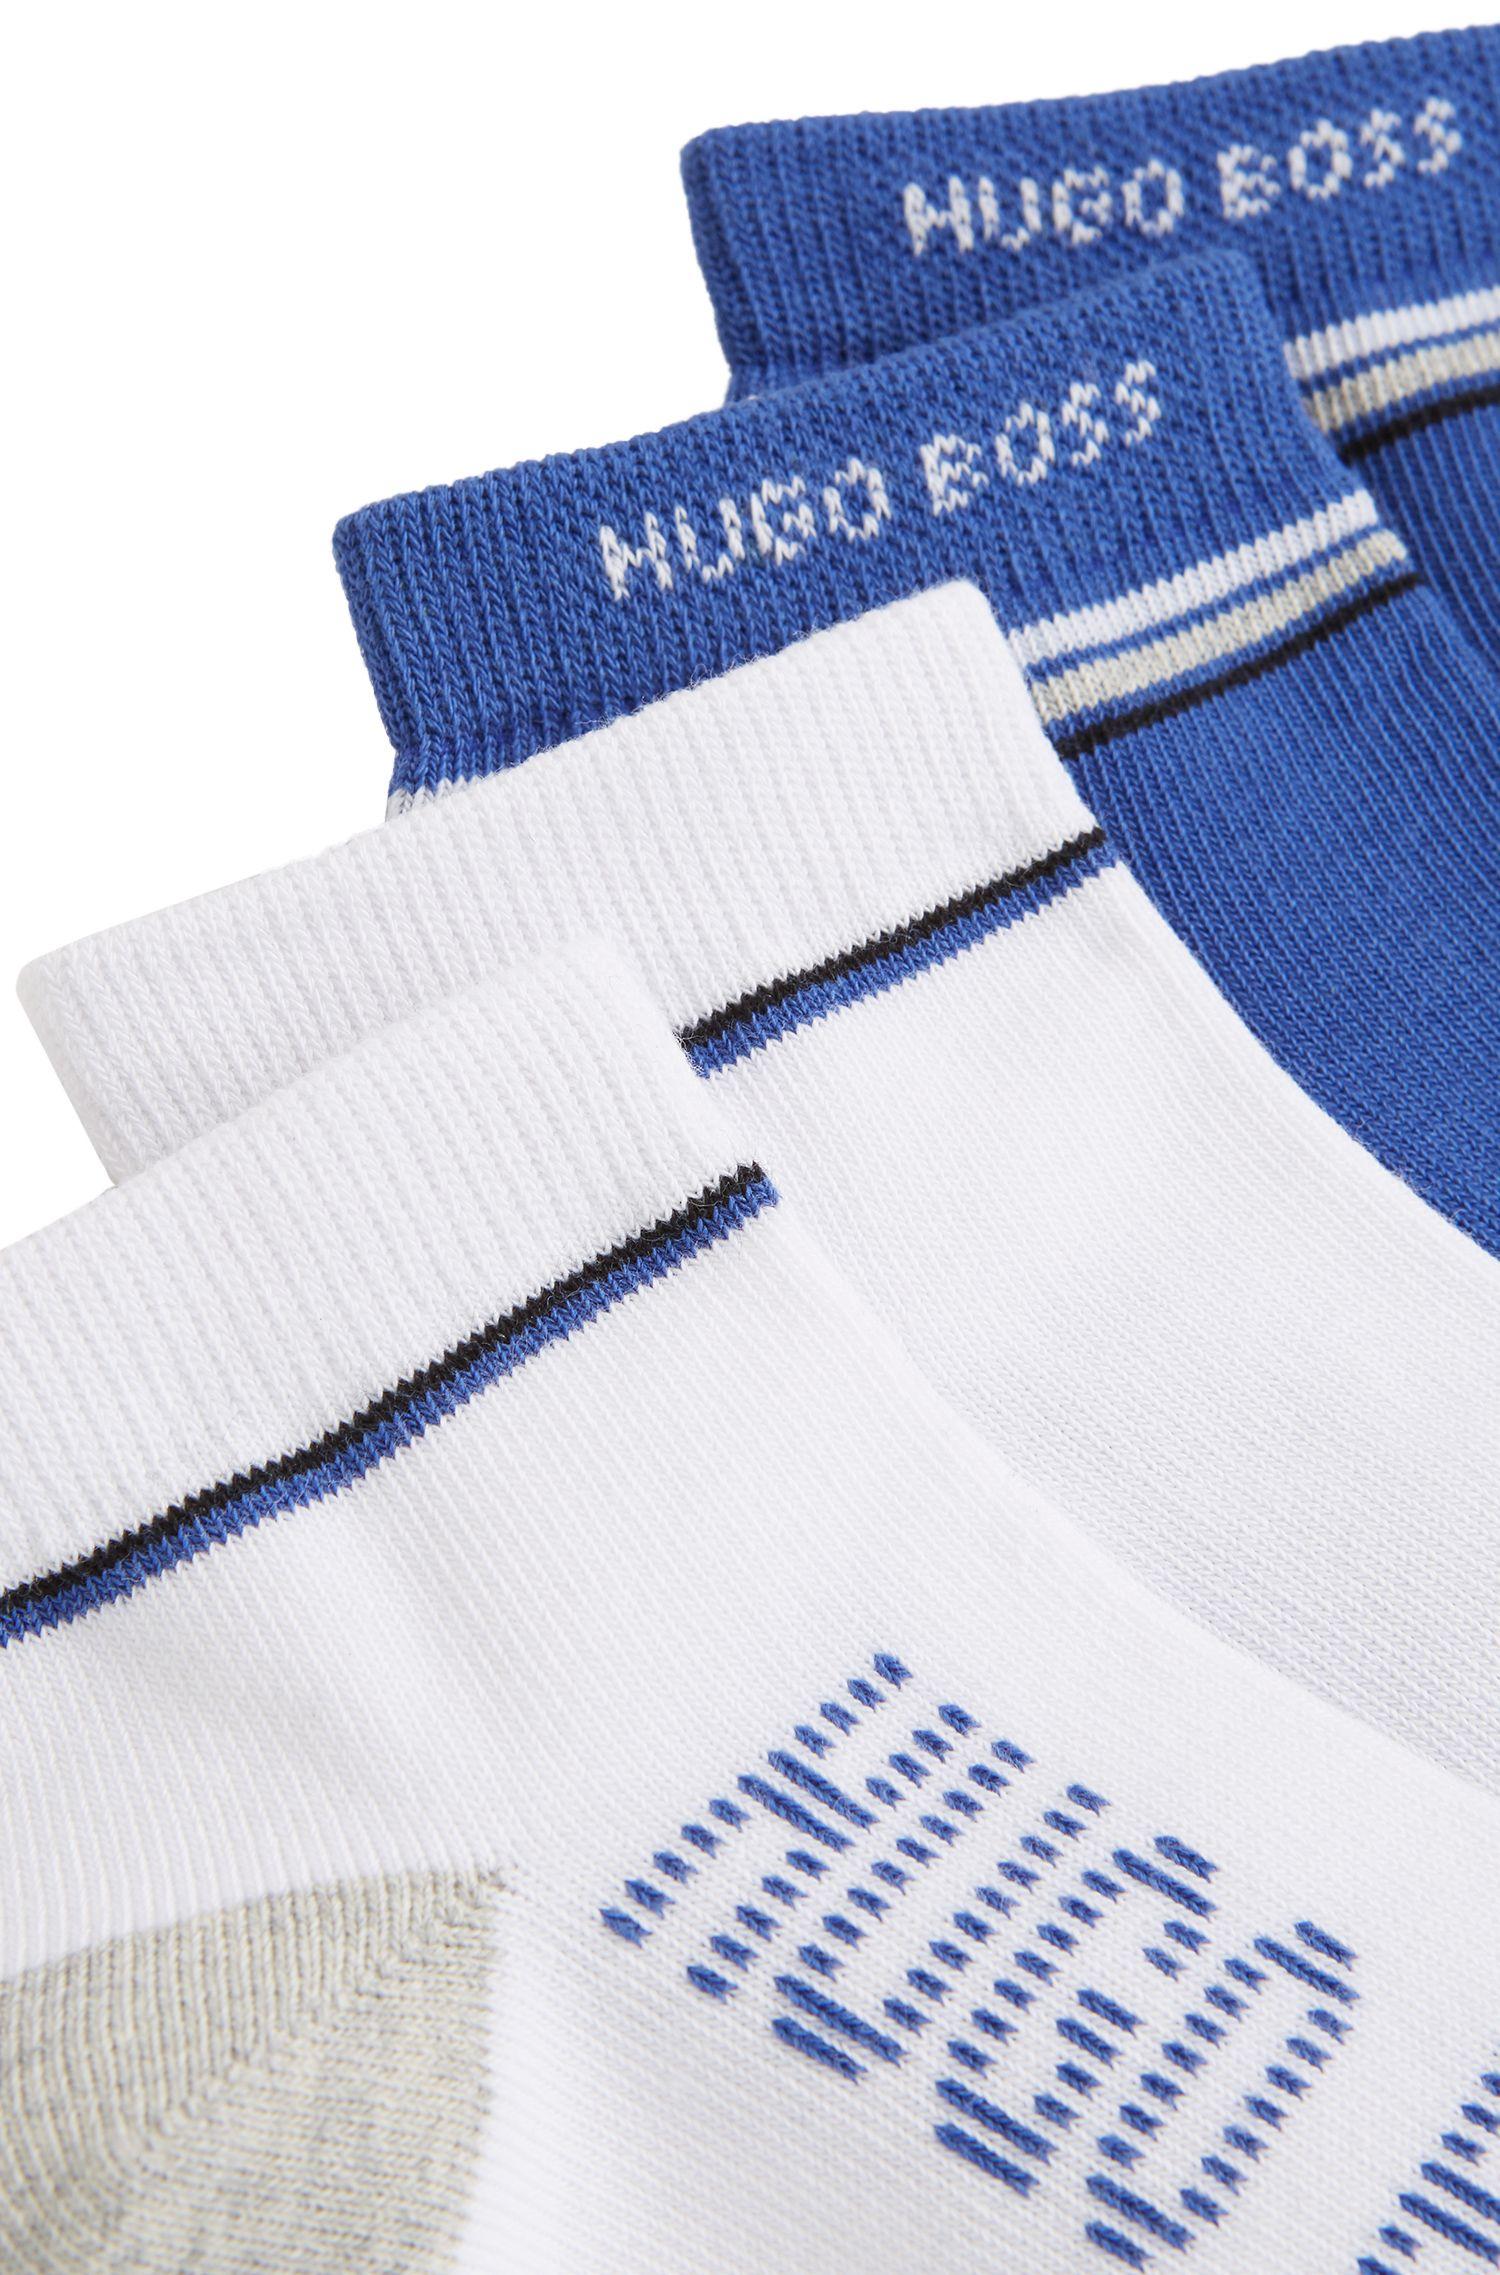 Kids-Sneaker-Socken aus elastischem Baumwoll-Mix im Zweier-Pack, Gemustert